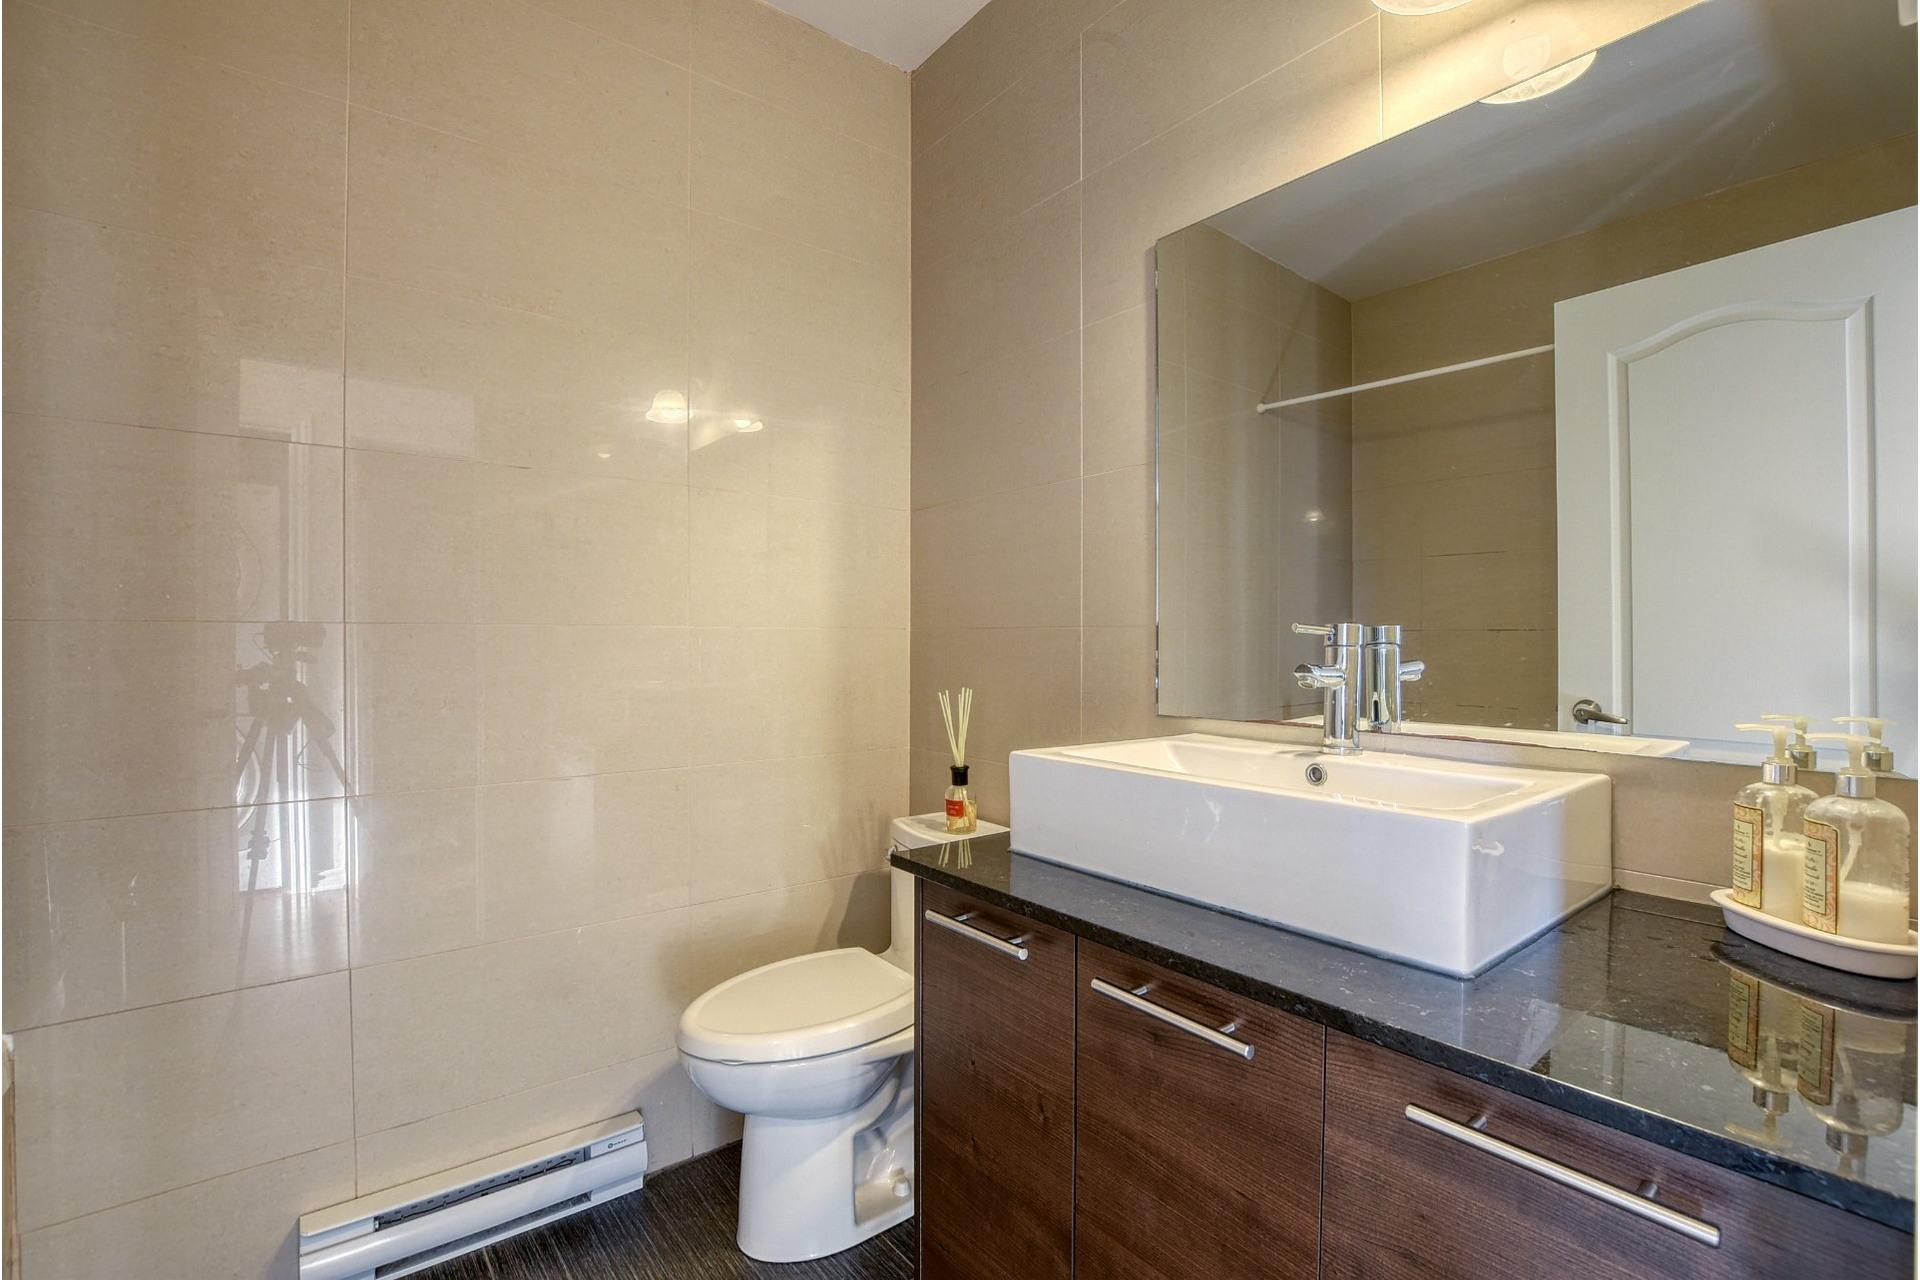 image 17 - Apartment For sale Saint-Laurent Montréal  - 7 rooms